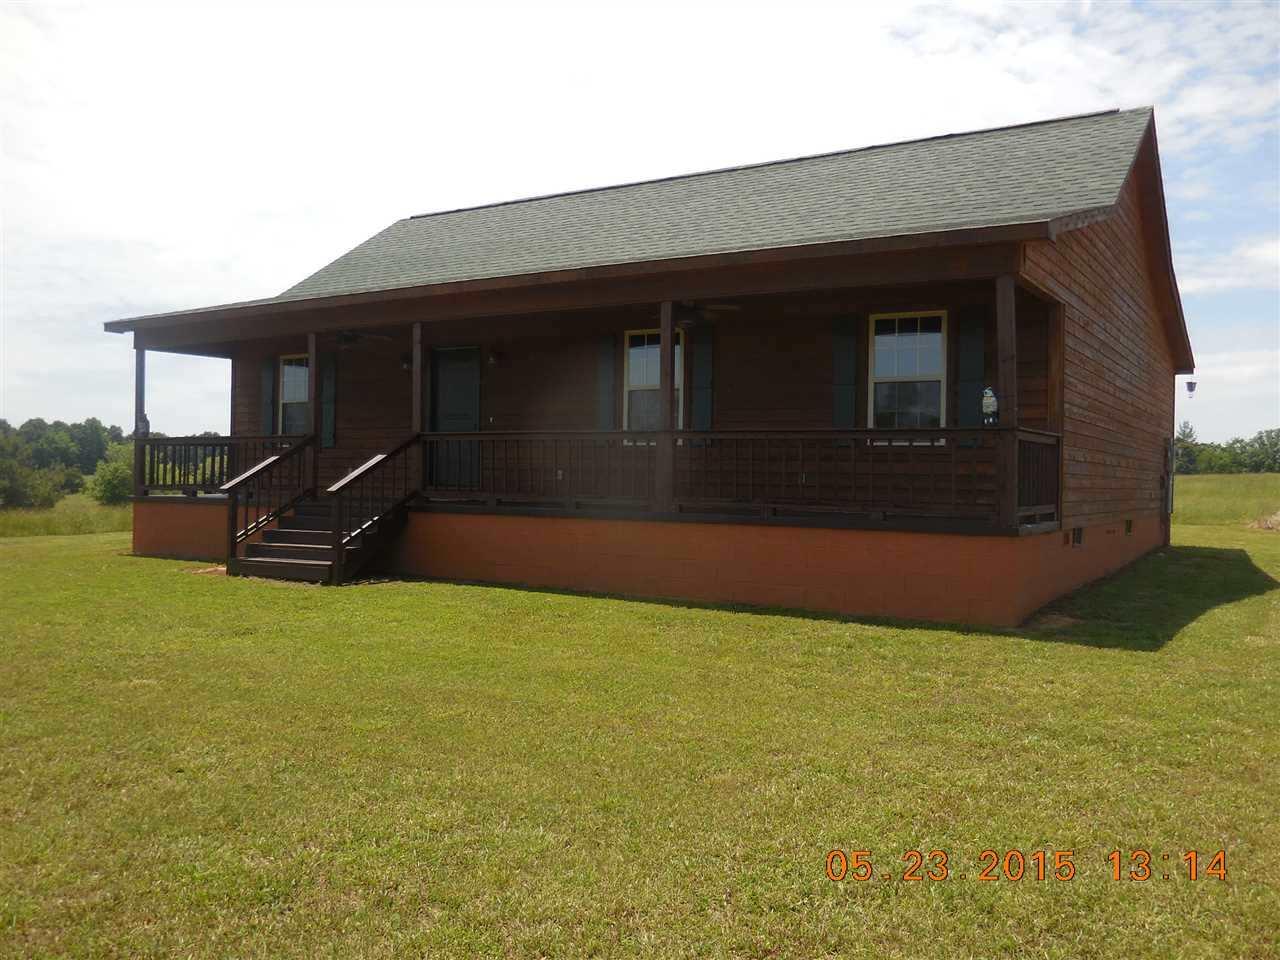 1176 Weeks Rd ## a, Bethel Springs, TN